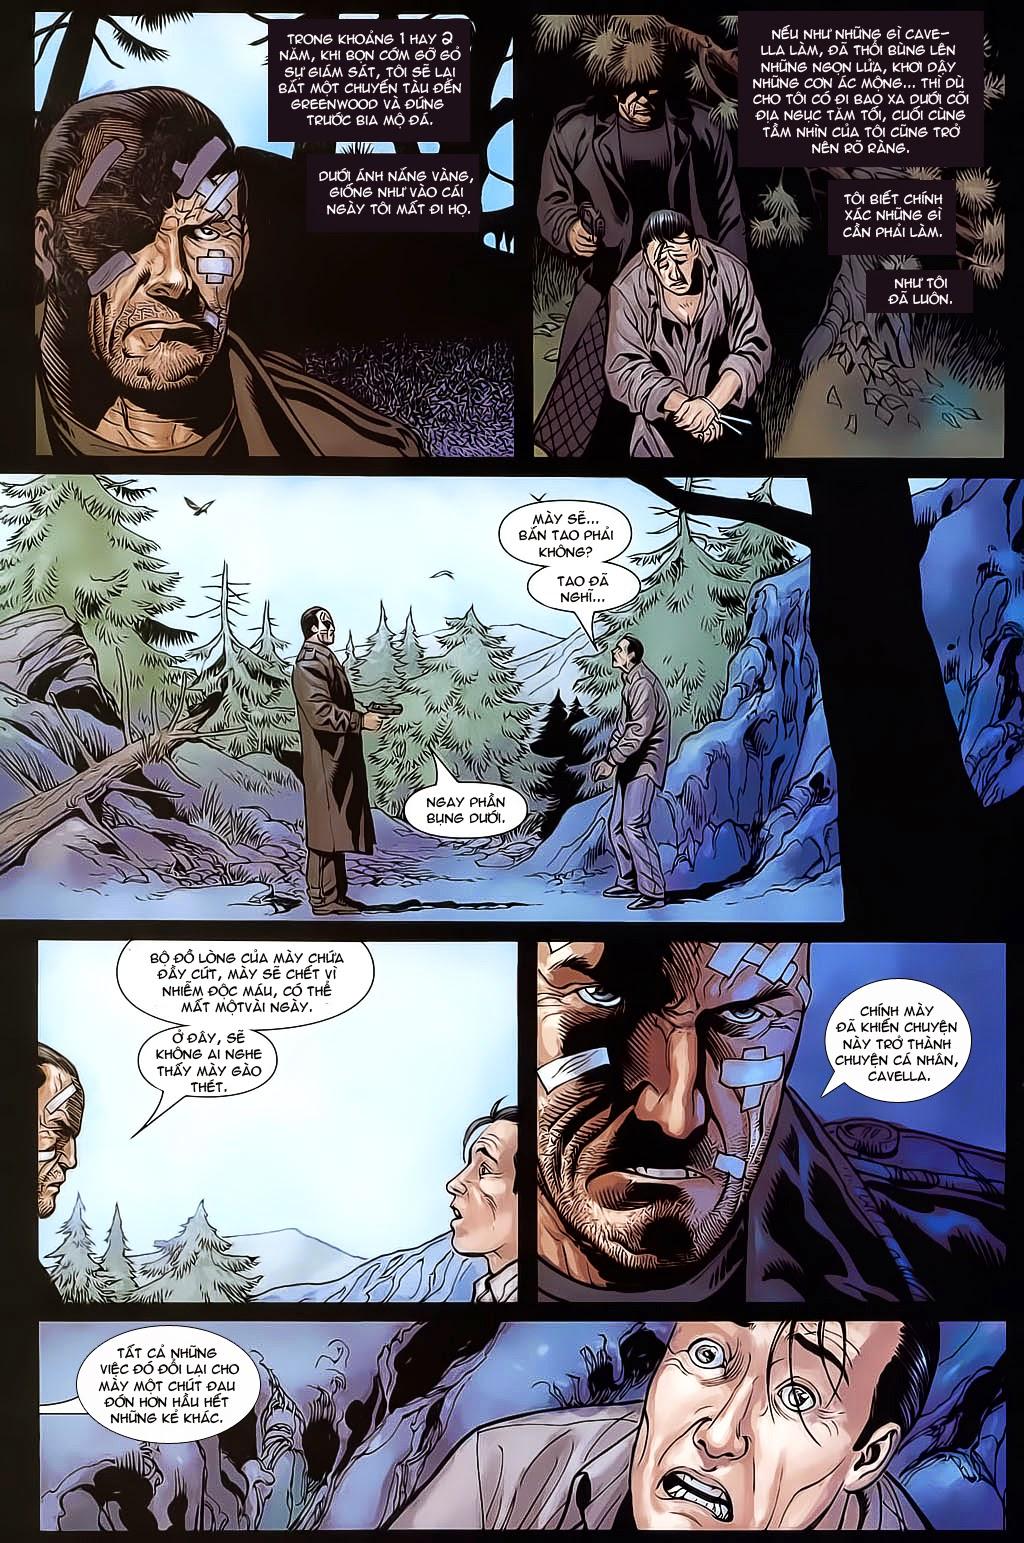 The Punisher: Trên là Dưới & Trắng là Đen chap 6 - Trang 23